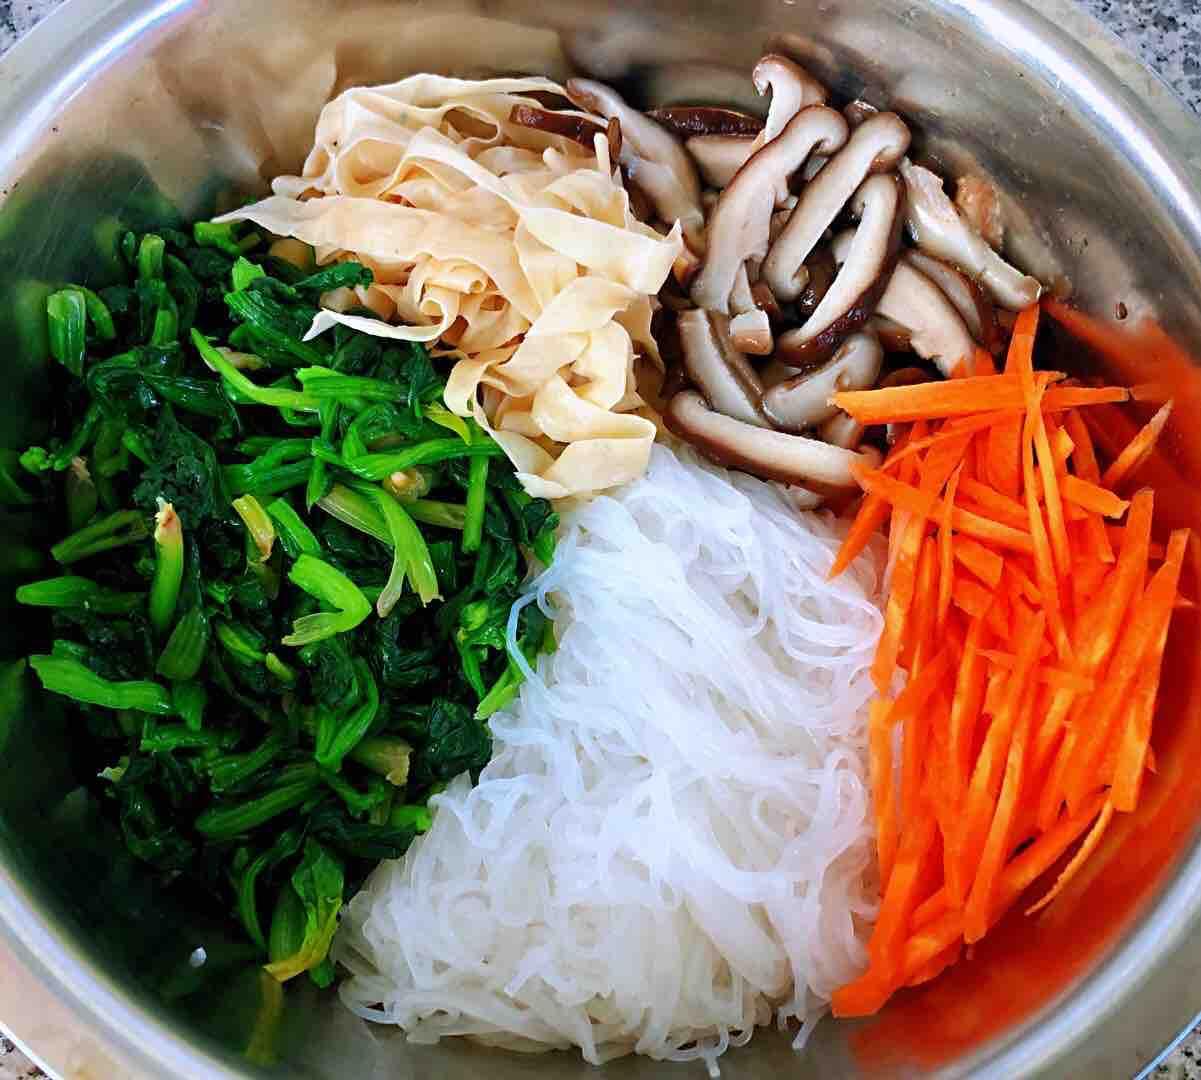 凉拌菠菜粉丝豆皮怎么吃